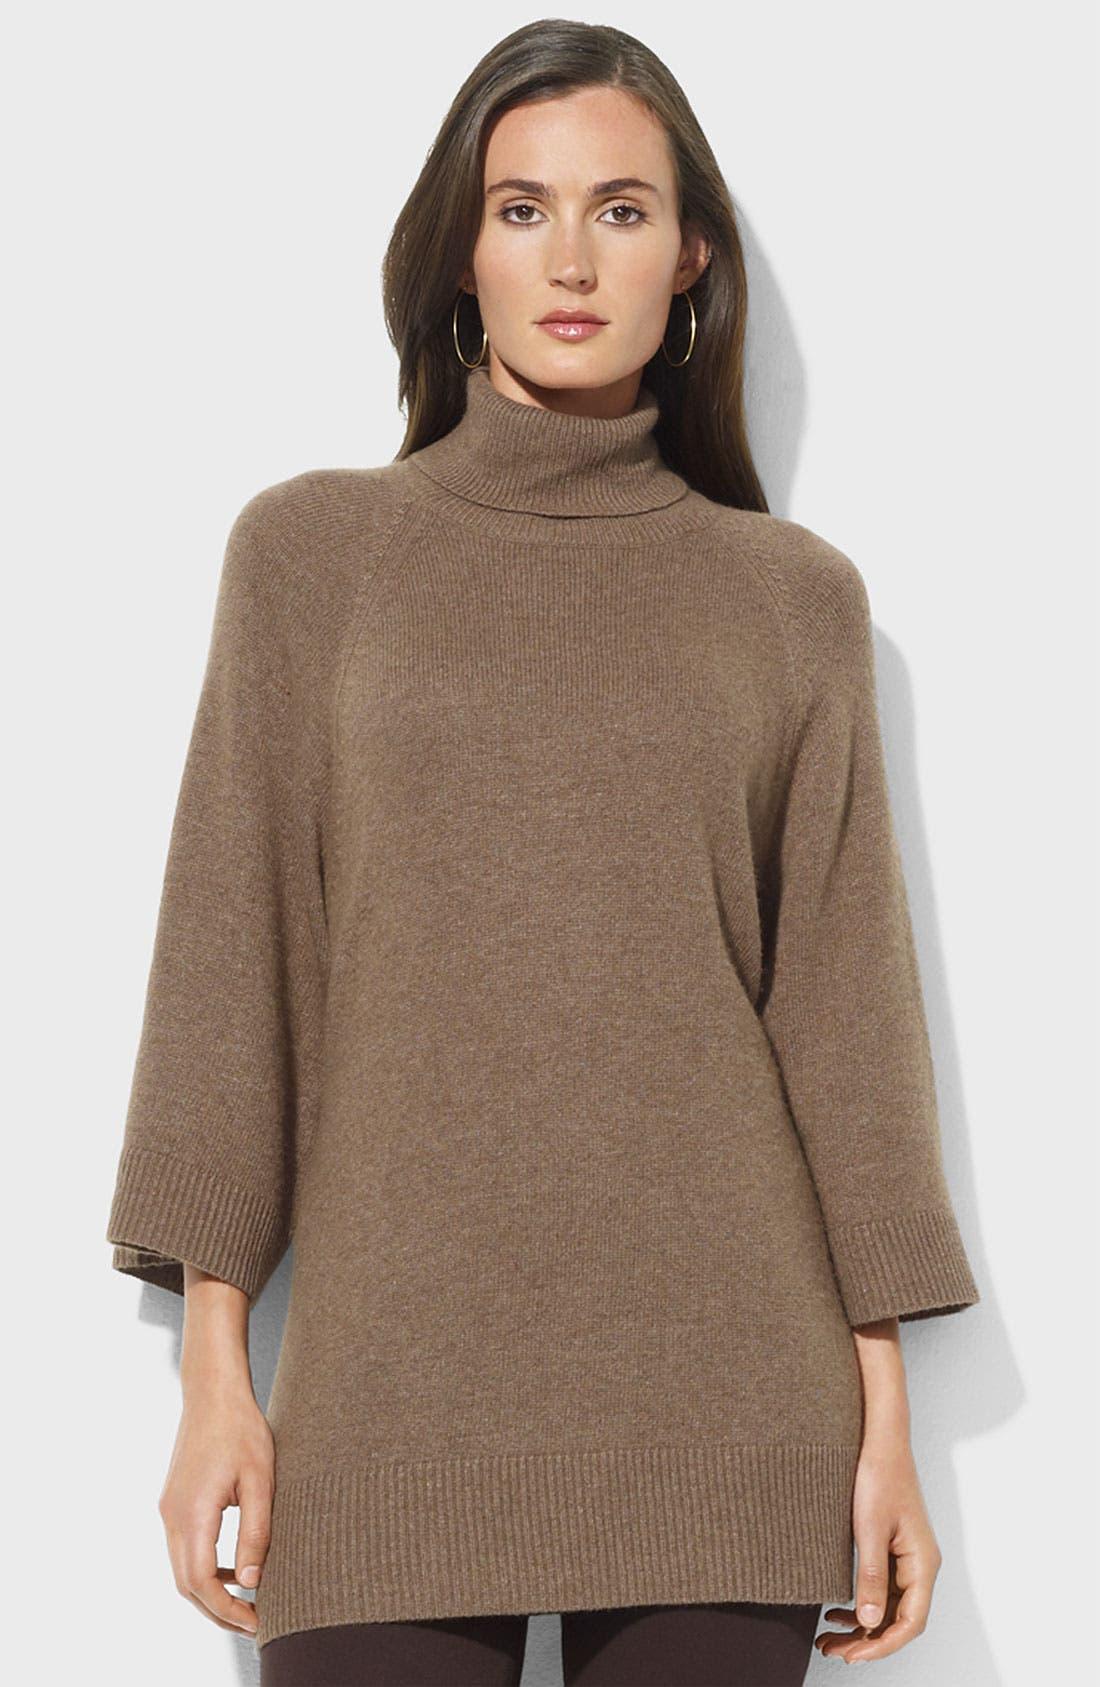 Alternate Image 1 Selected - Lauren Ralph Lauren Oversized Turtleneck Sweater (Petite)